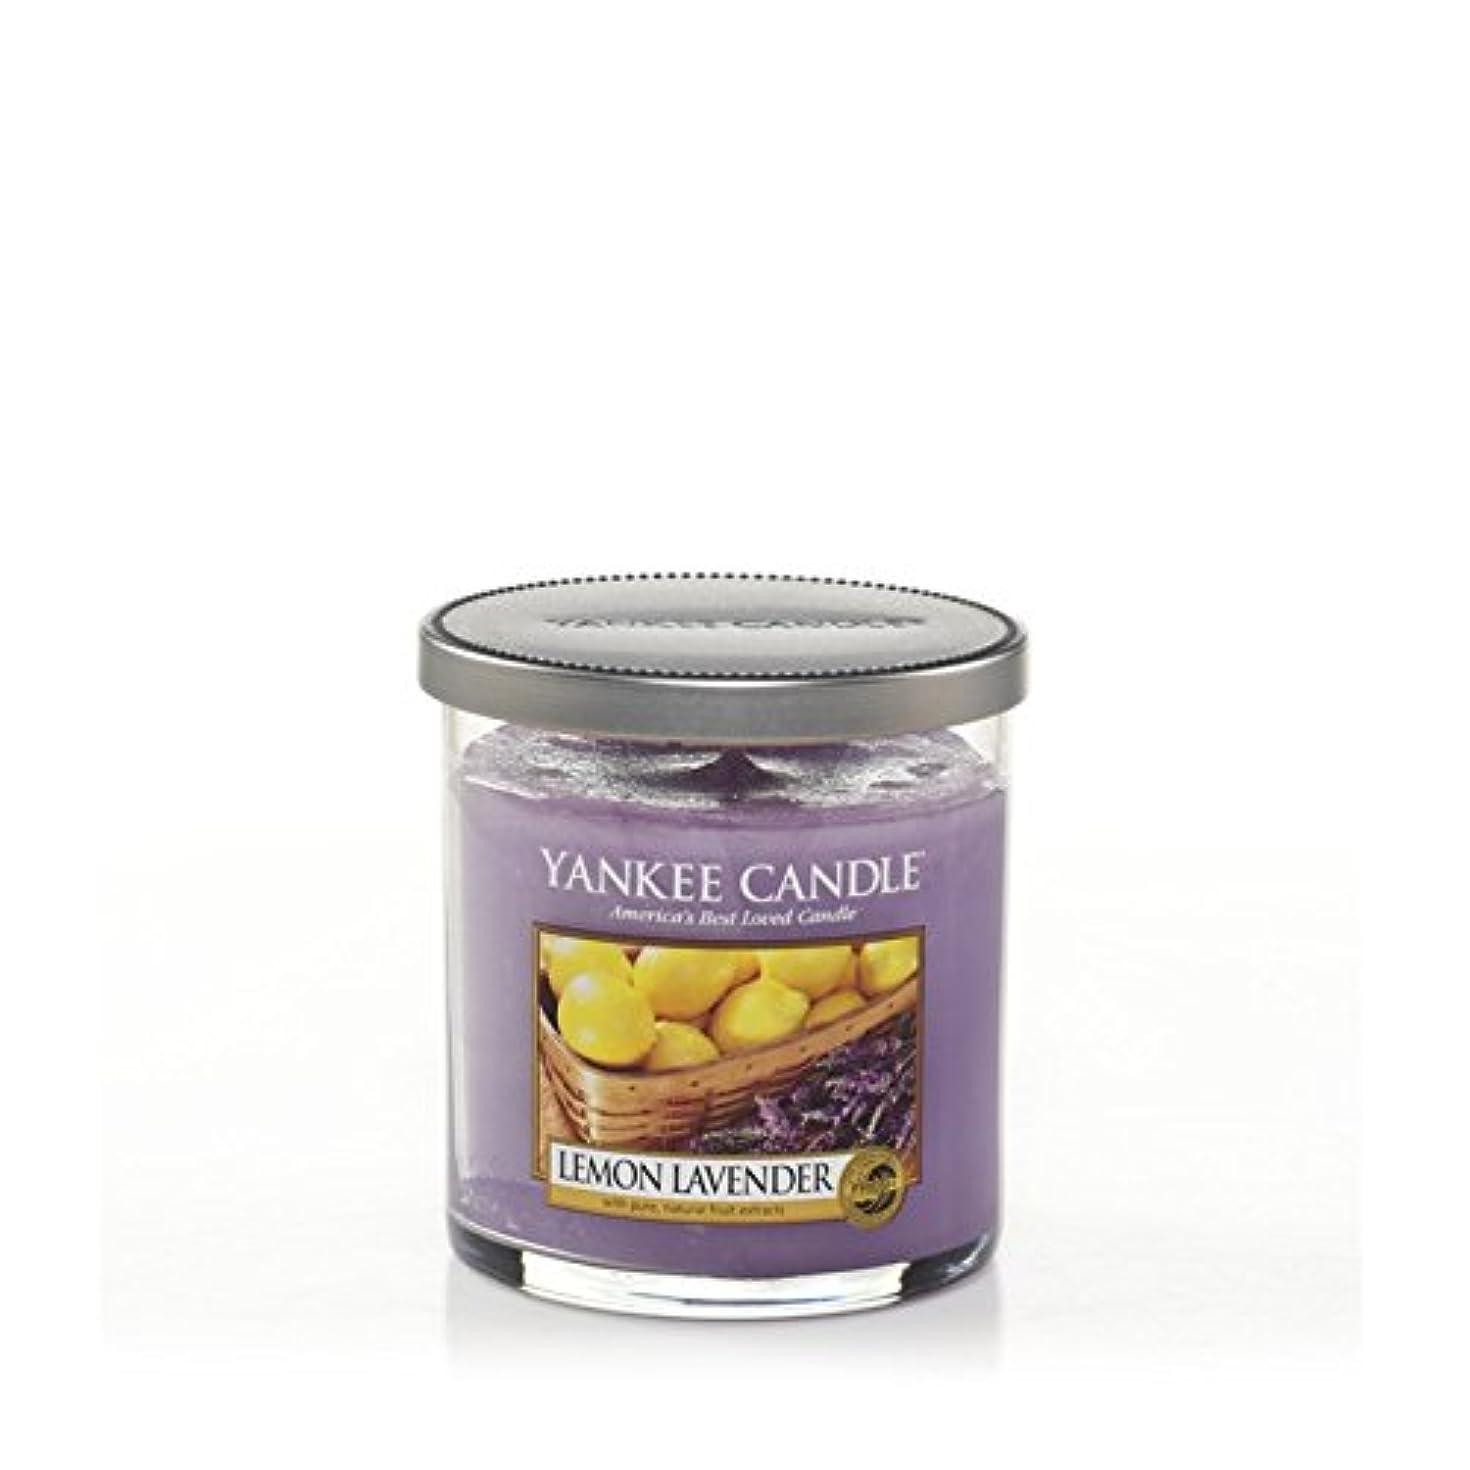 足首危険な偏差Yankee Candles Small Pillar Candle - Lemon Lavender (Pack of 2) - ヤンキーキャンドルの小さな柱キャンドル - レモンラベンダー (x2) [並行輸入品]